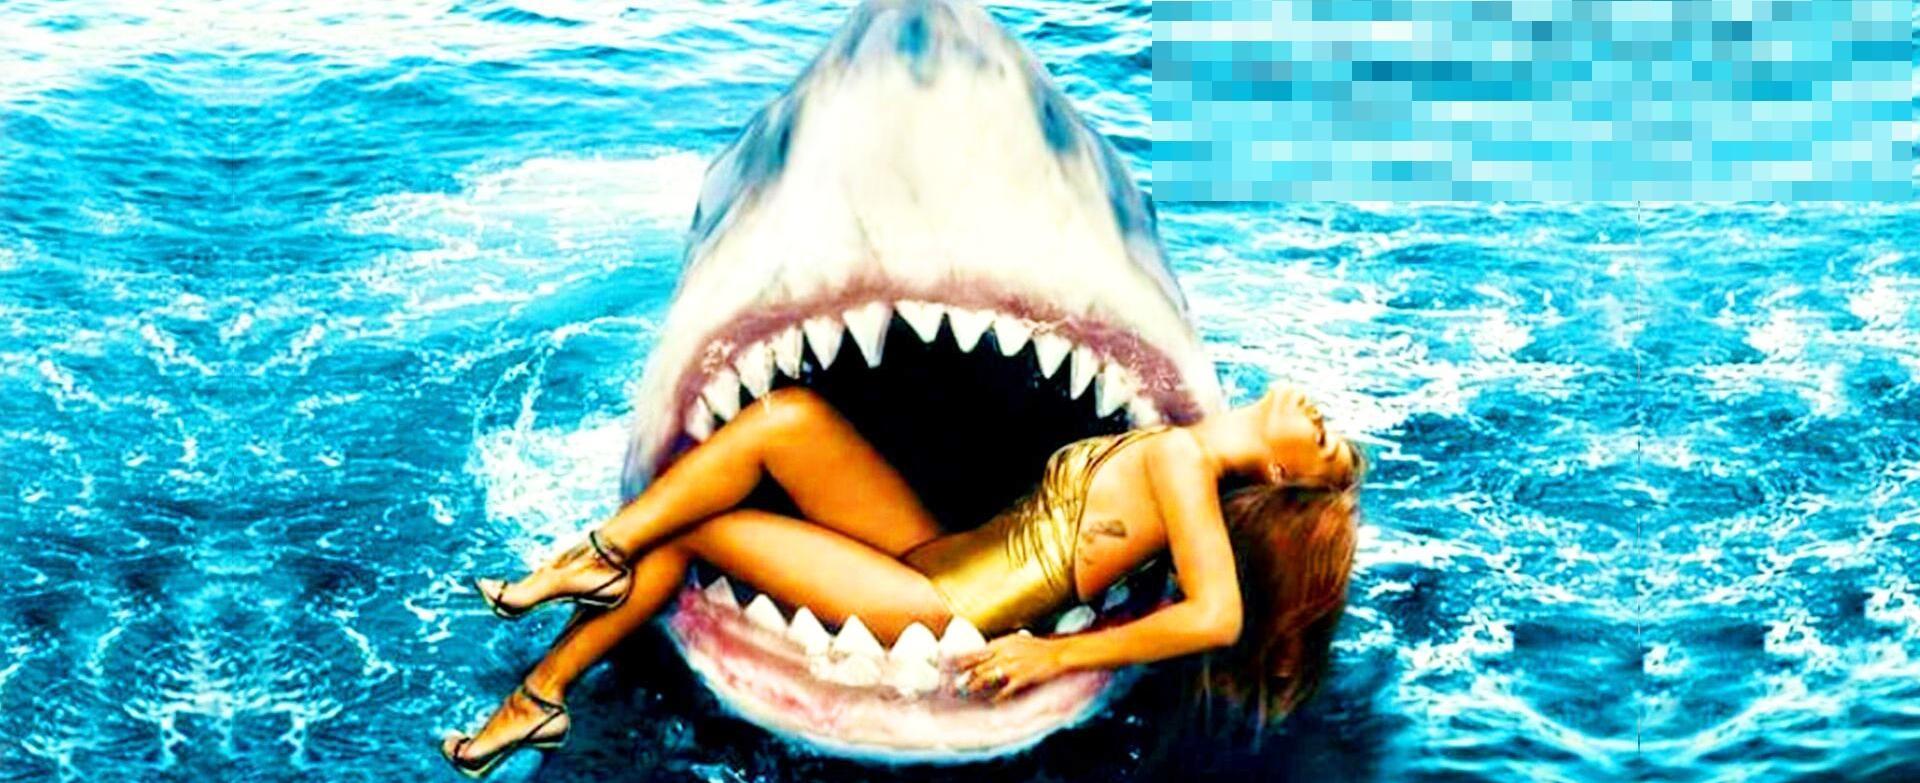 #这个视频666#三分钟带你看完电影《鲨海逃生》